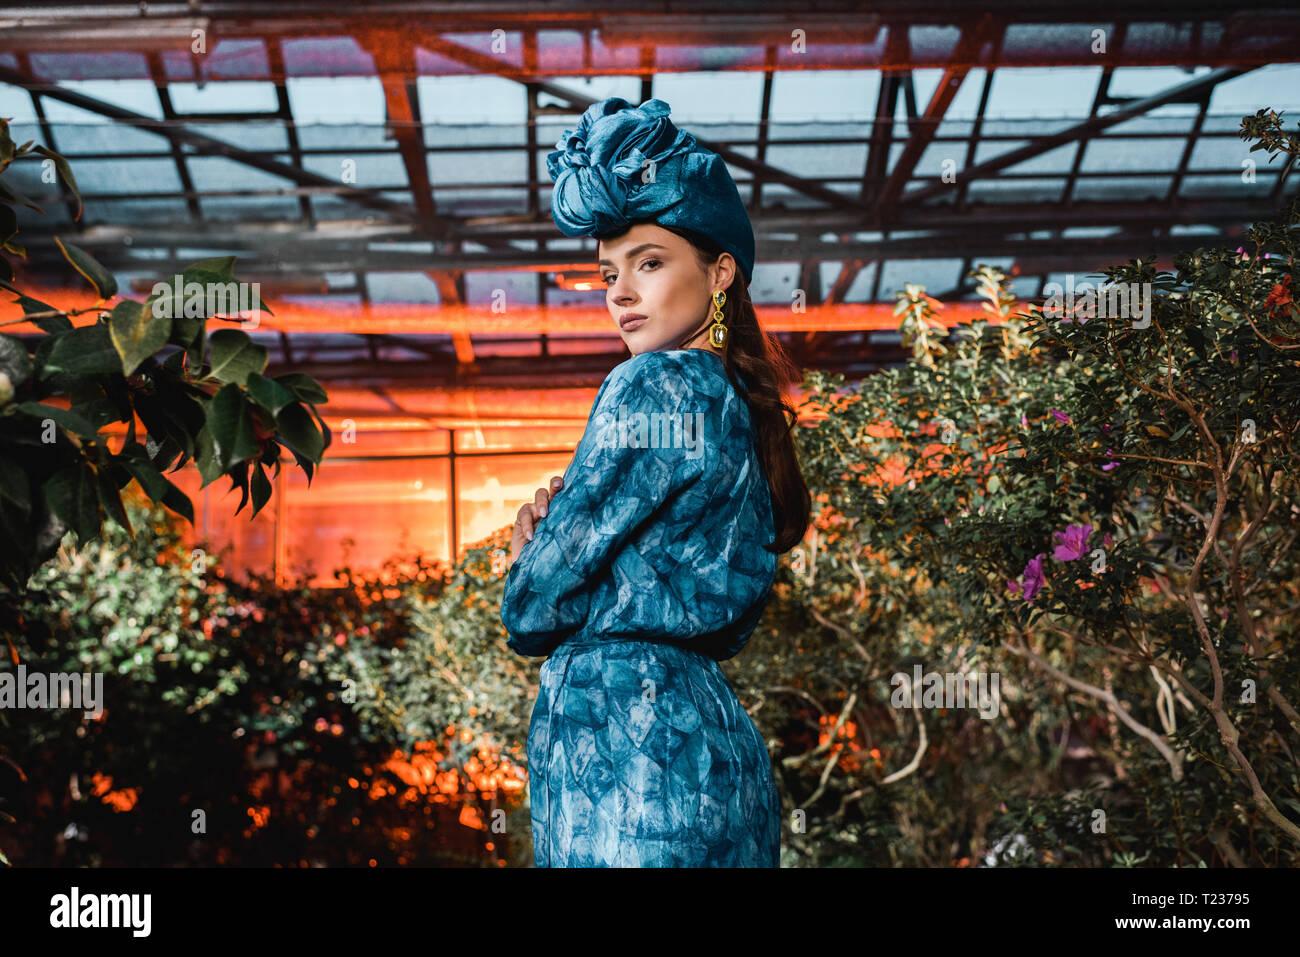 Wunderschöne junge Frau im blauen Kleid in Turban in Orangerie Stockfoto